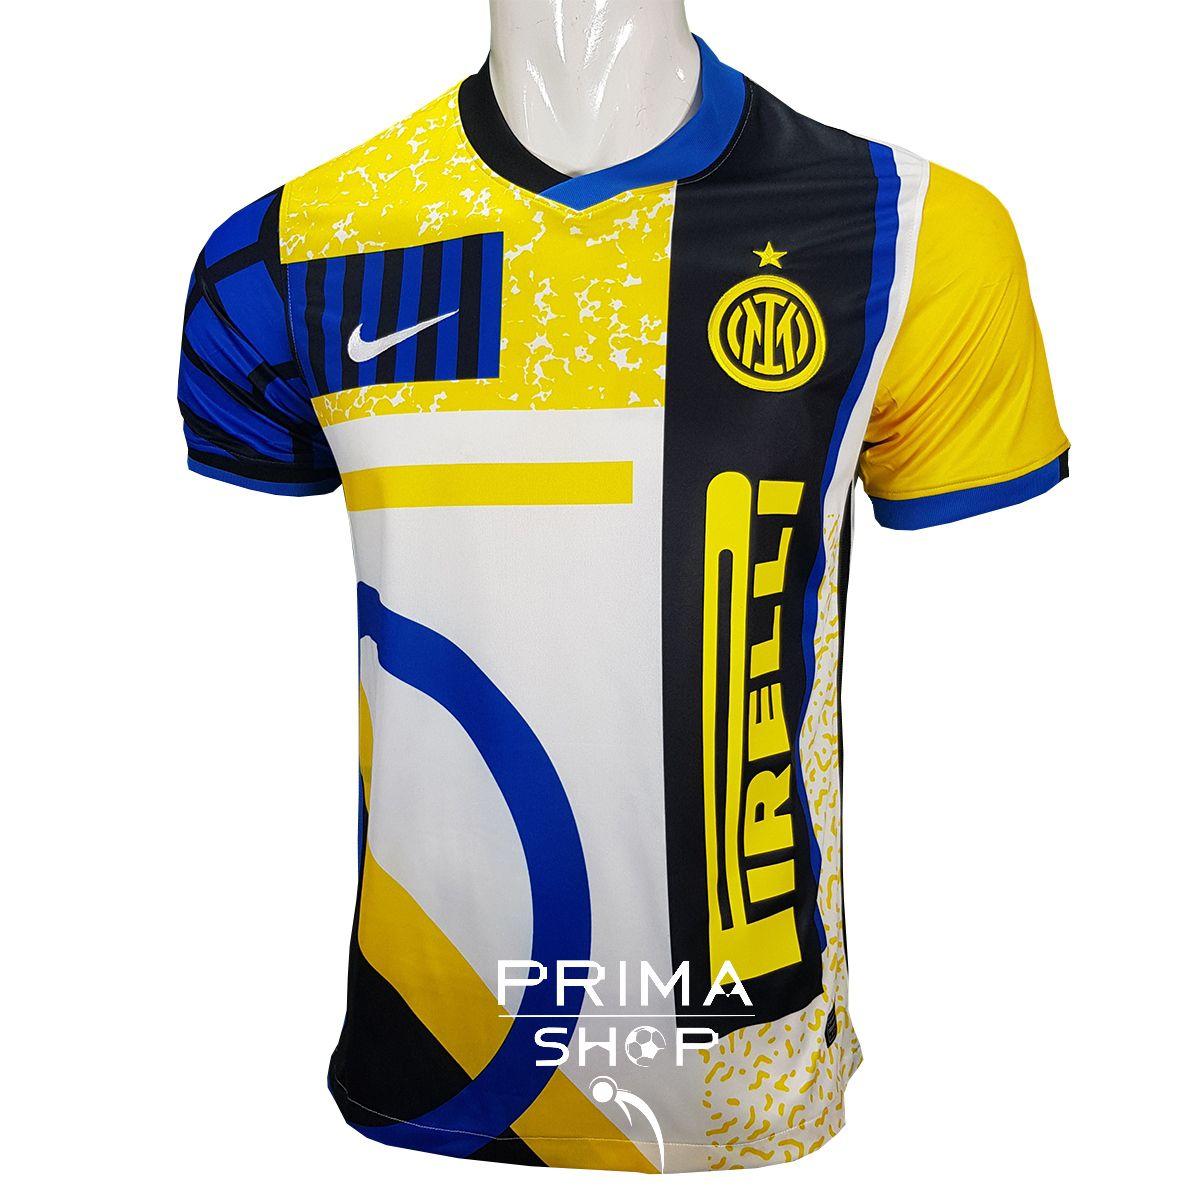 لباس چهارم اینترمیلان 2021